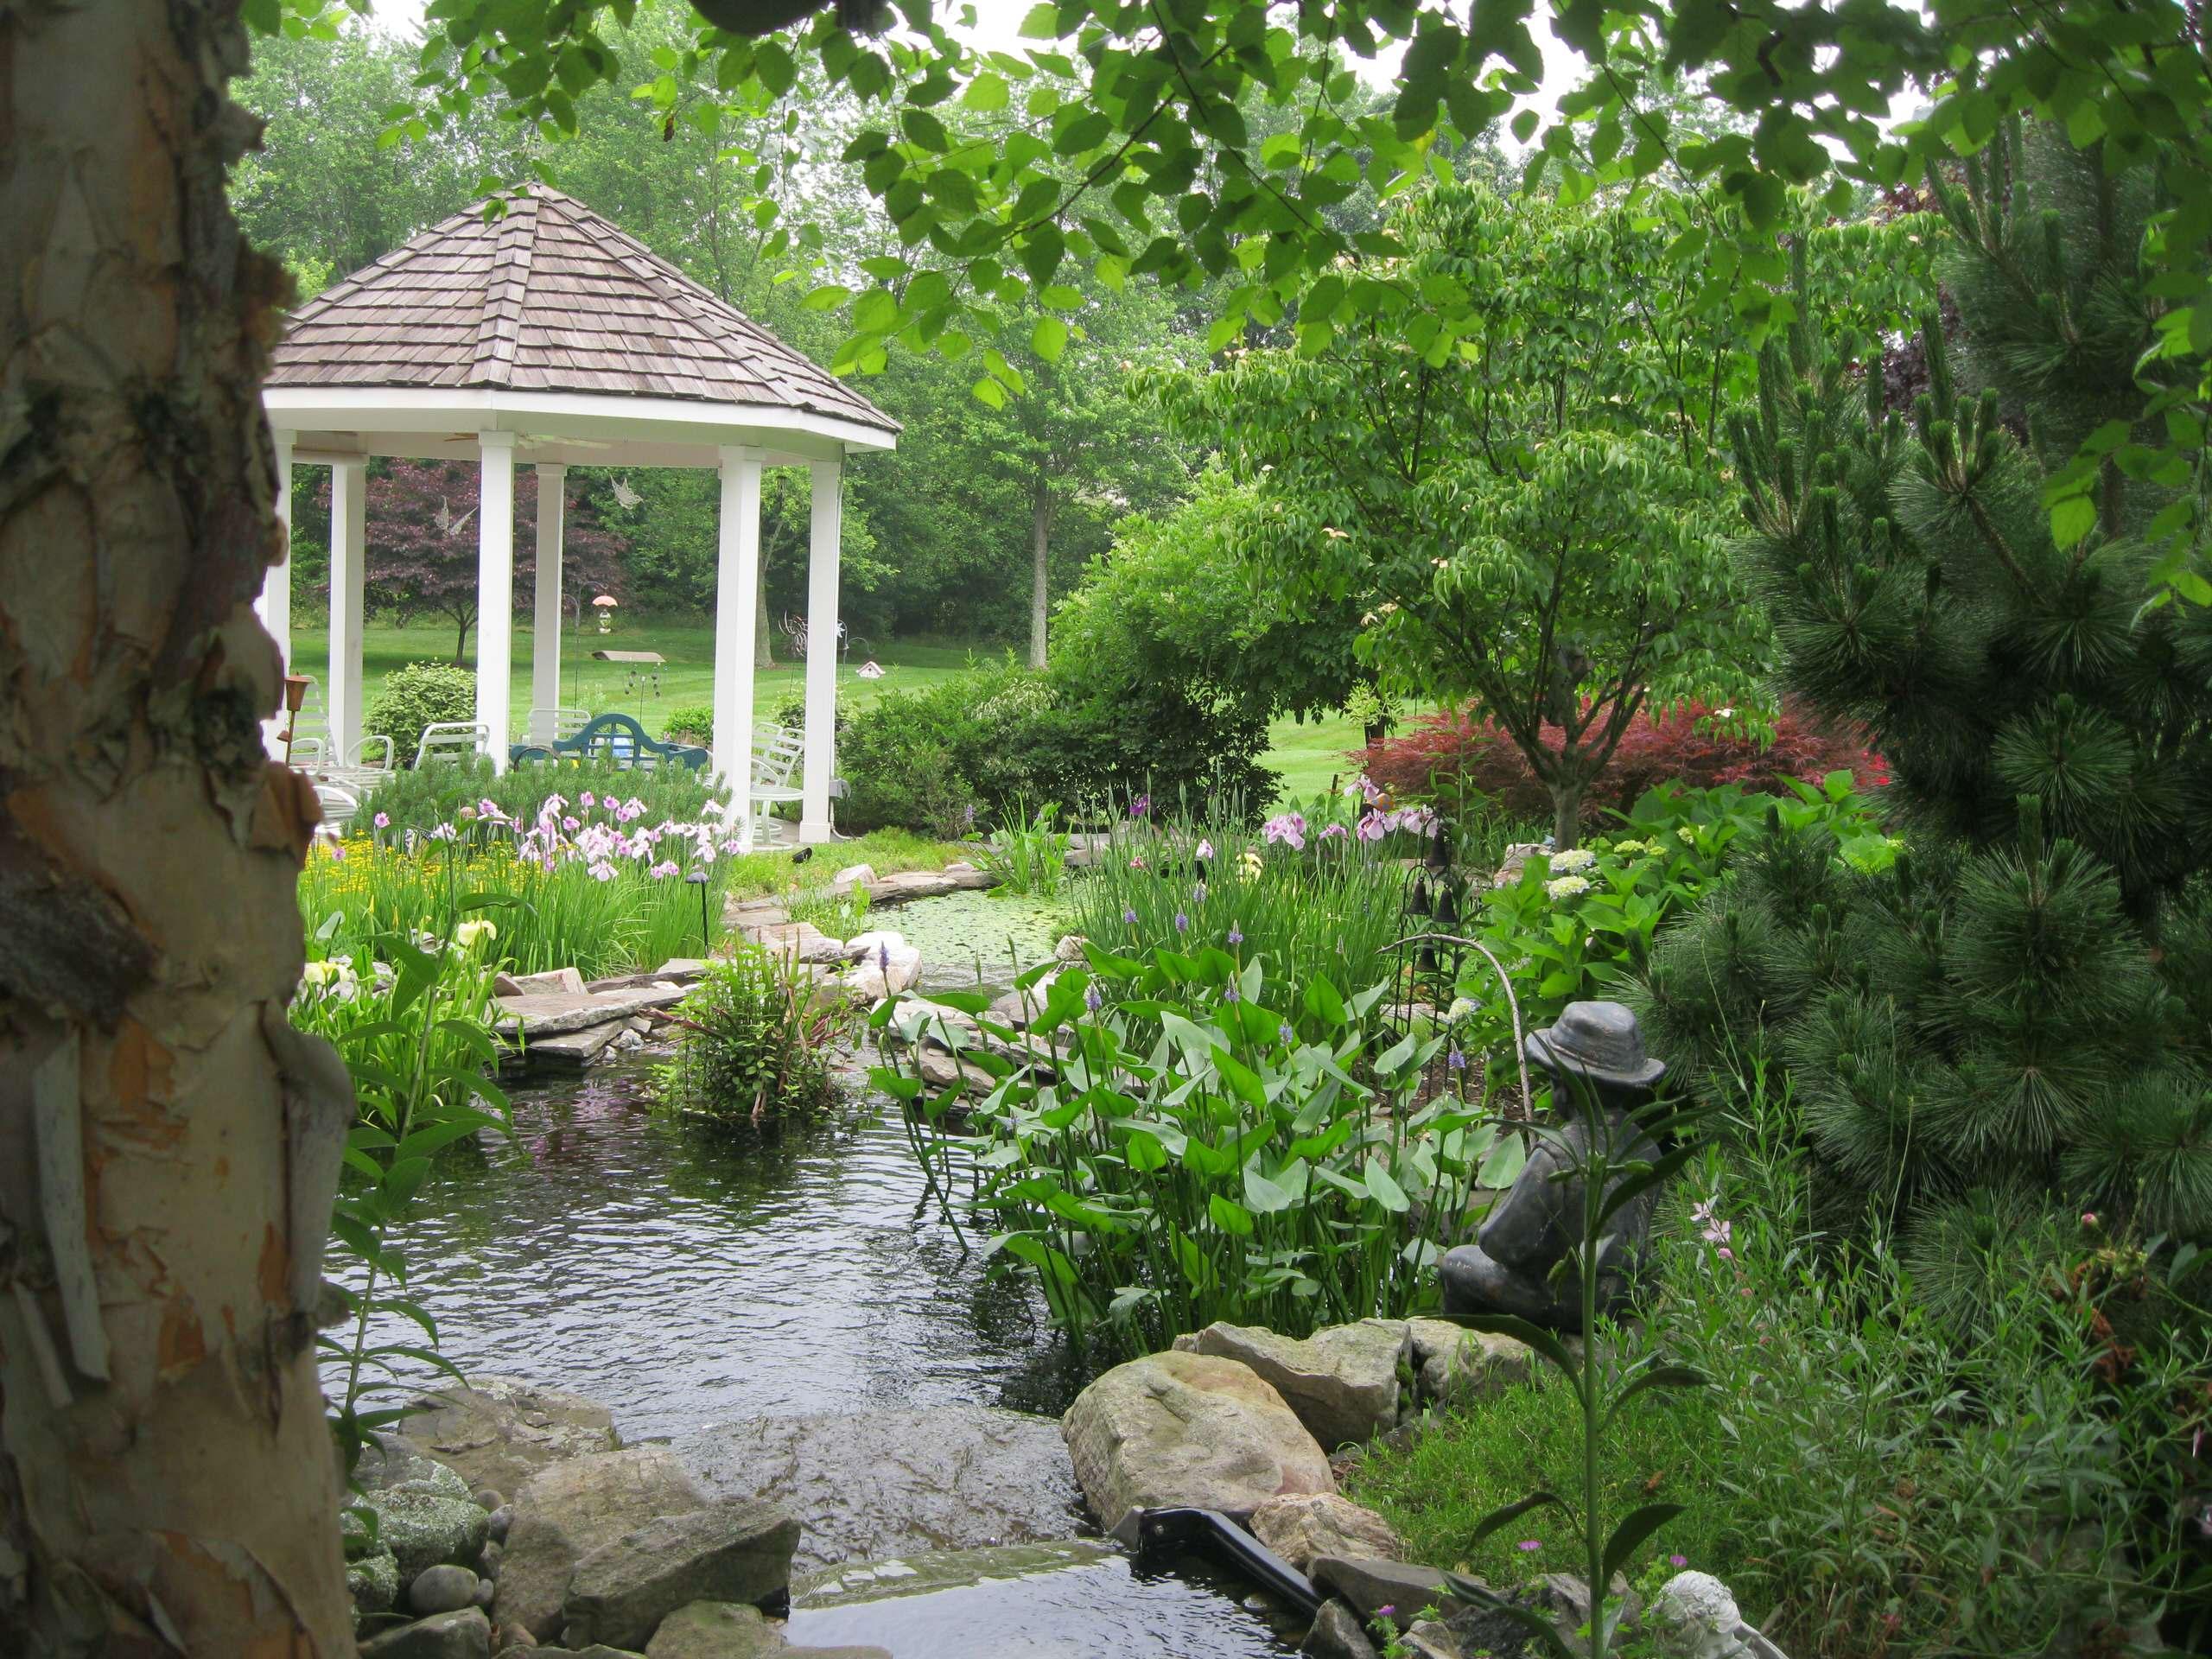 Leesburg back yard master plan